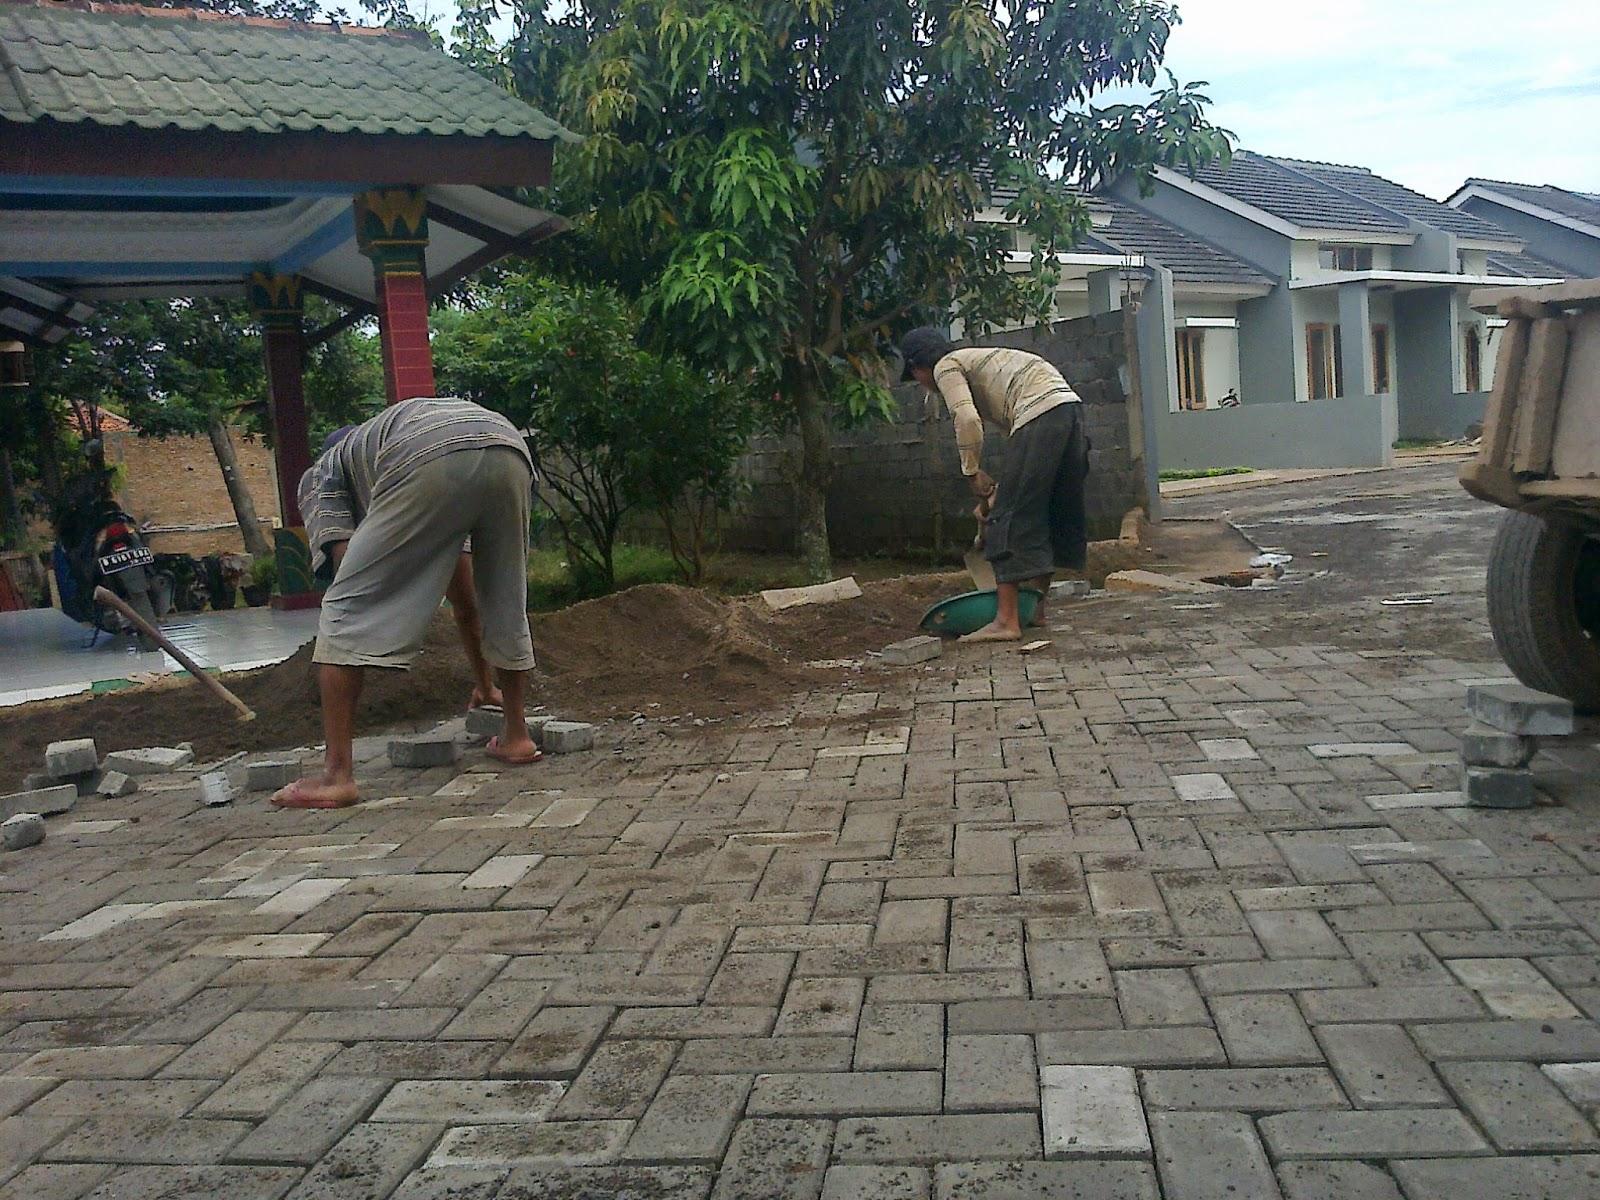 Harga pemasangan paving block